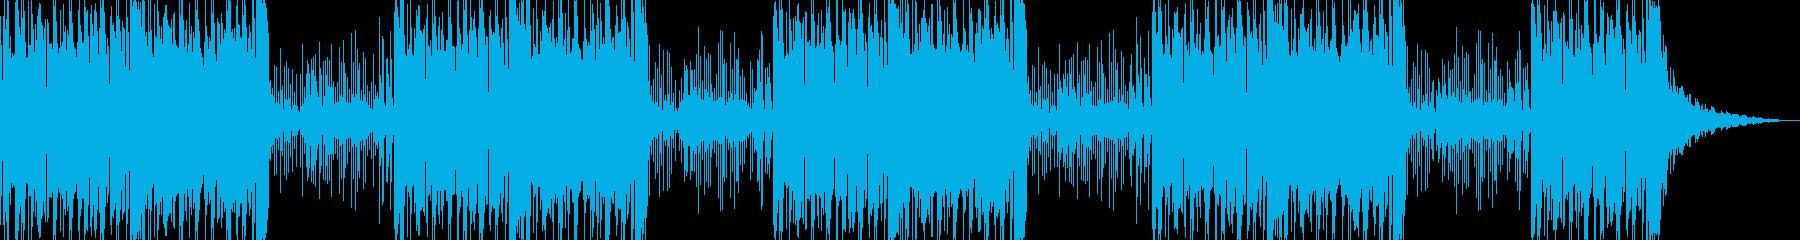 神楽鈴なしの再生済みの波形